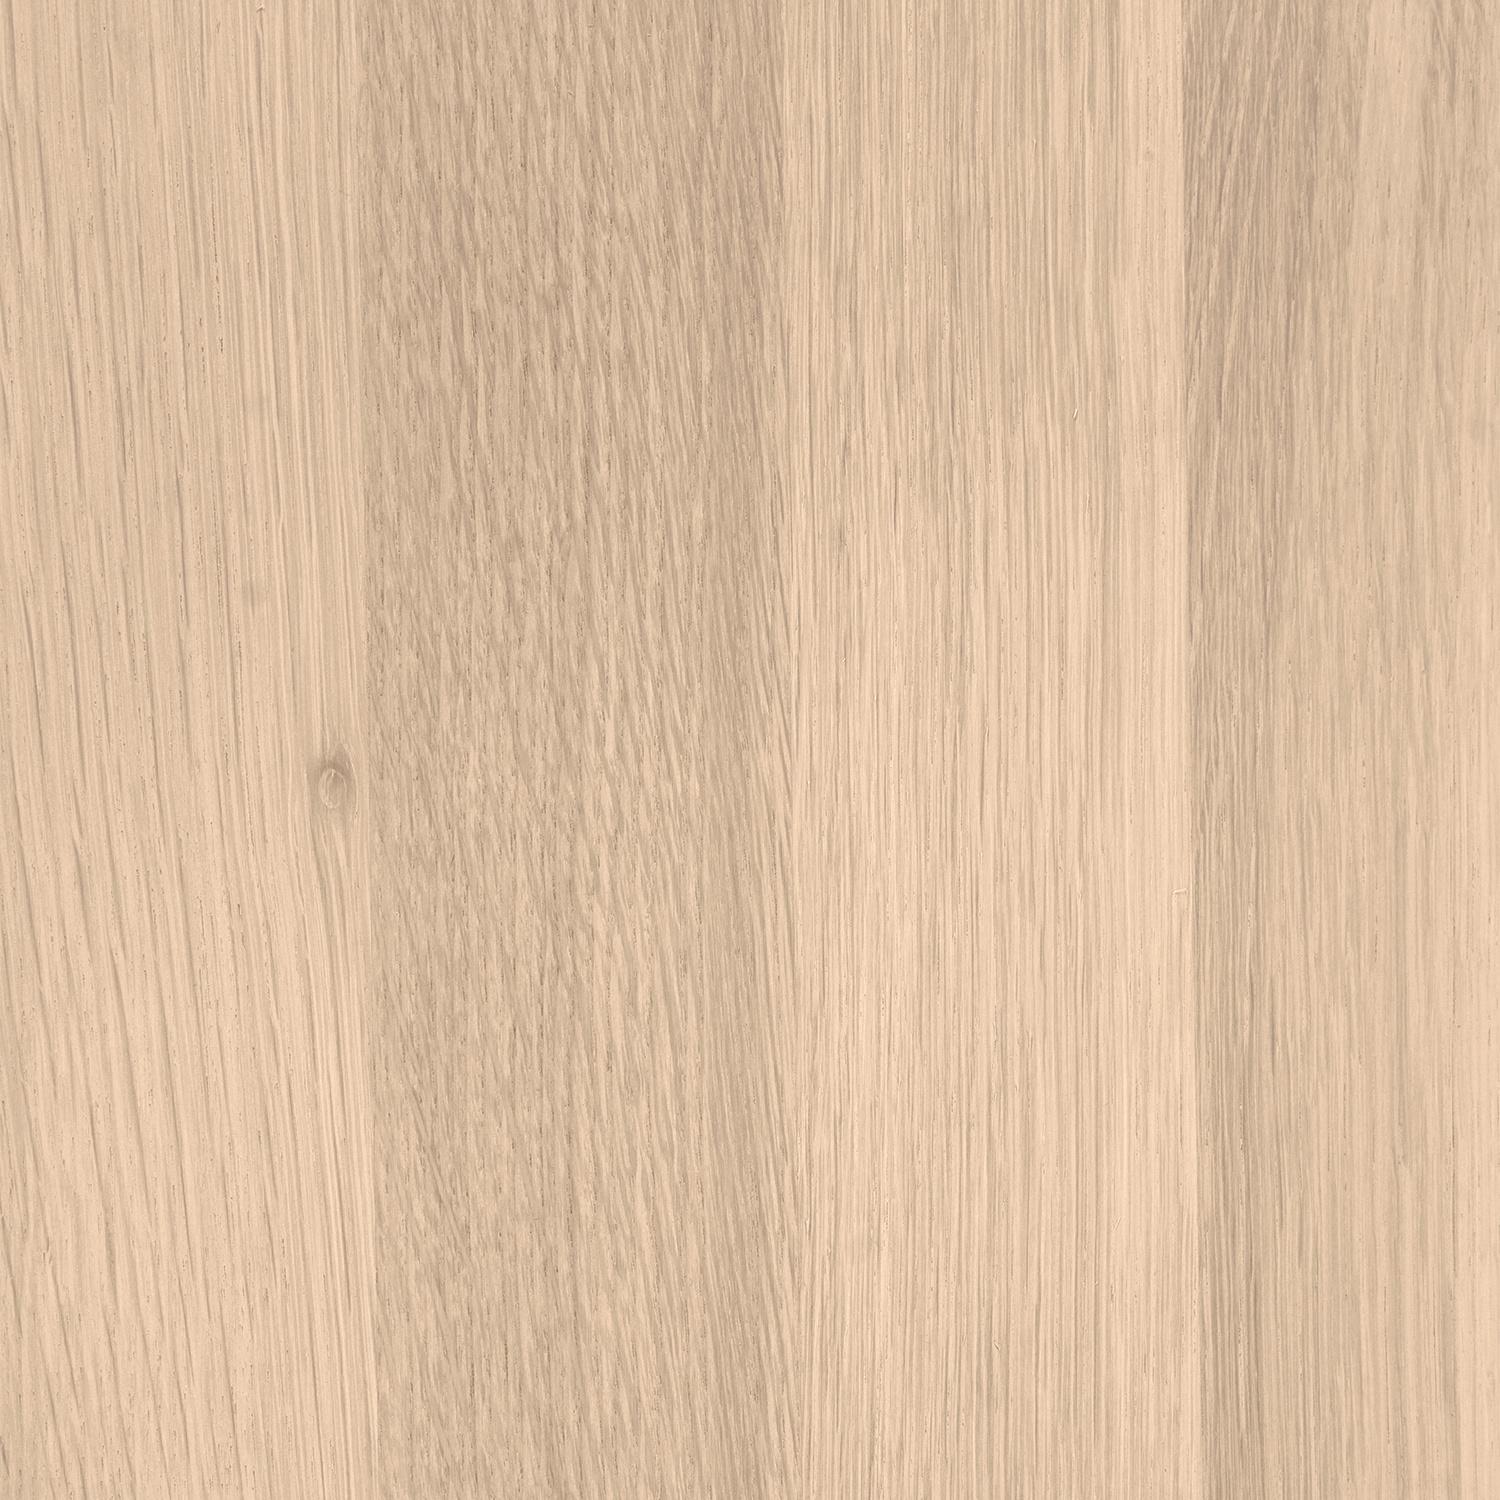 Eiken tafelpoot 12x12 cm - Massief verlijmd (delen van 2-3 cm)- Foutvrij (A-kwaliteit) eikenhout kd 12% (per stuk)